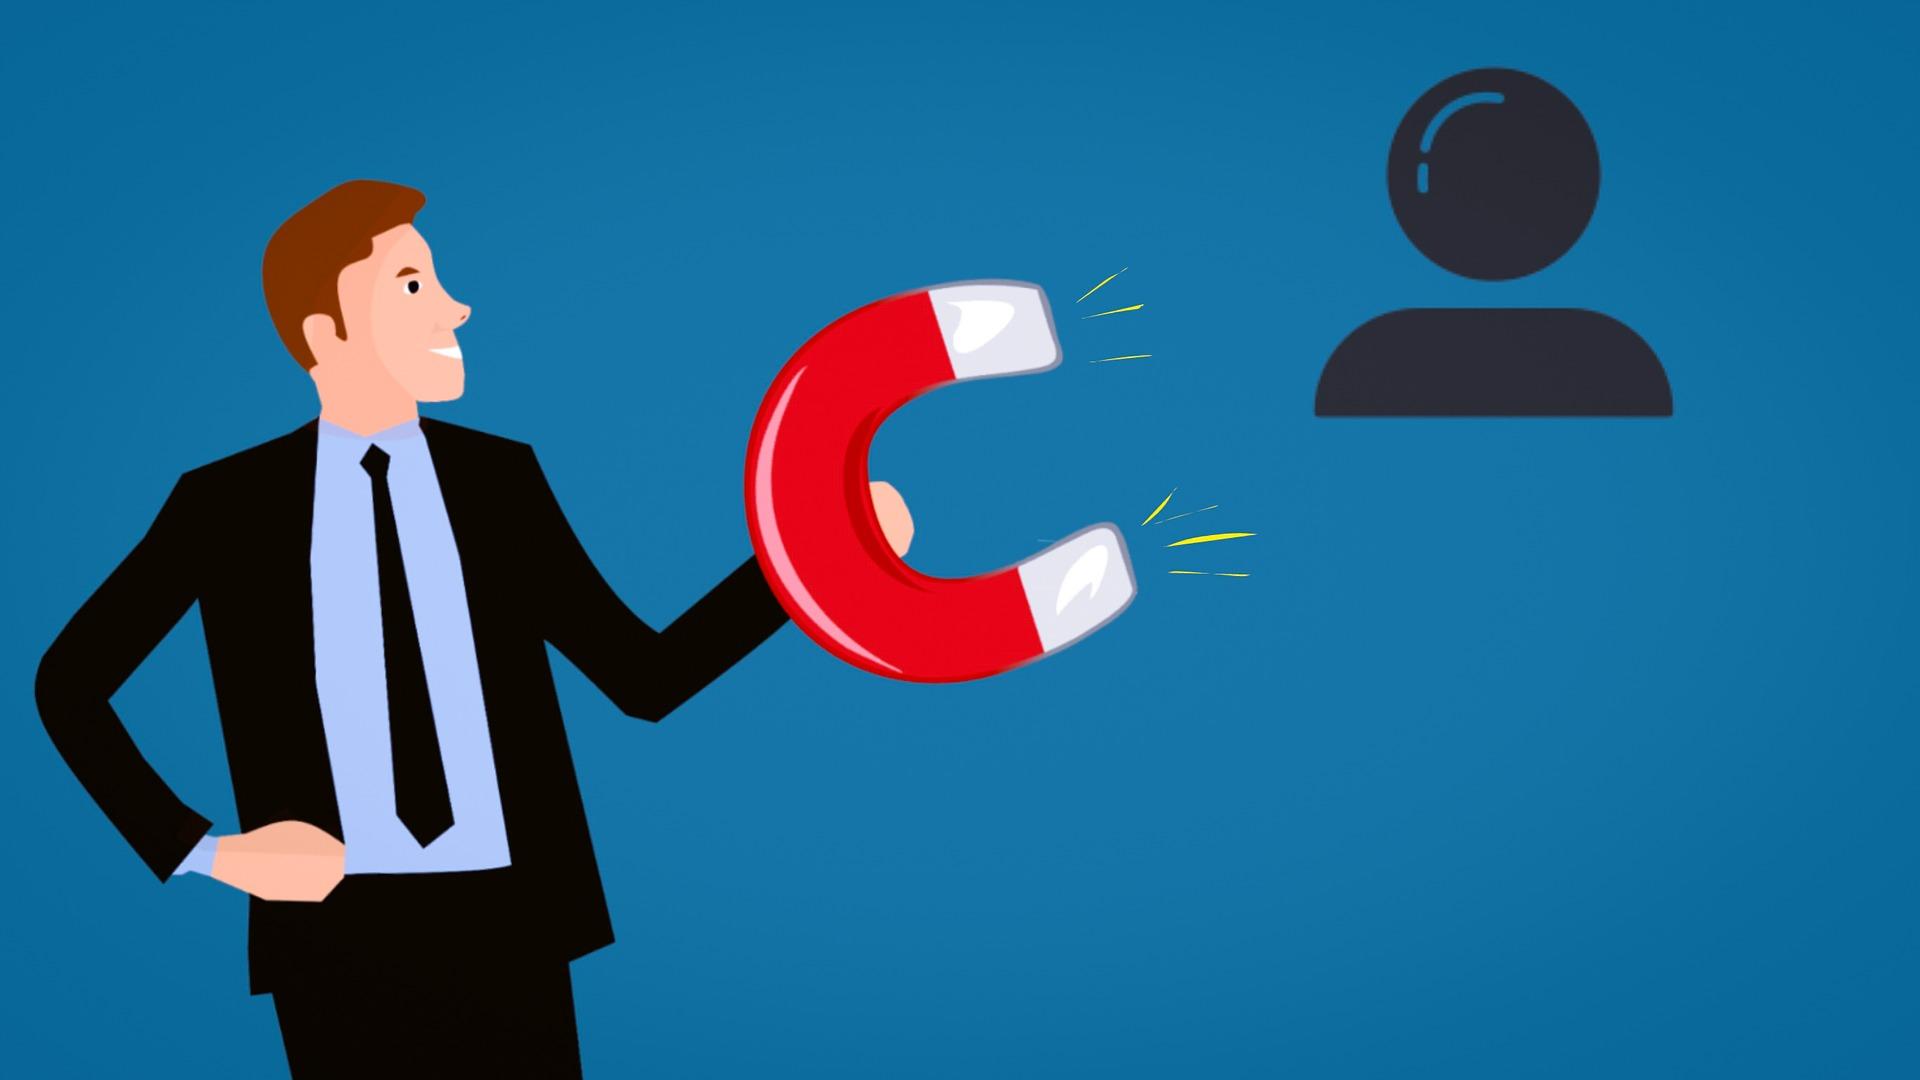 Atraer y fidelizar clientes, objetivo número uno para cualquier negocio